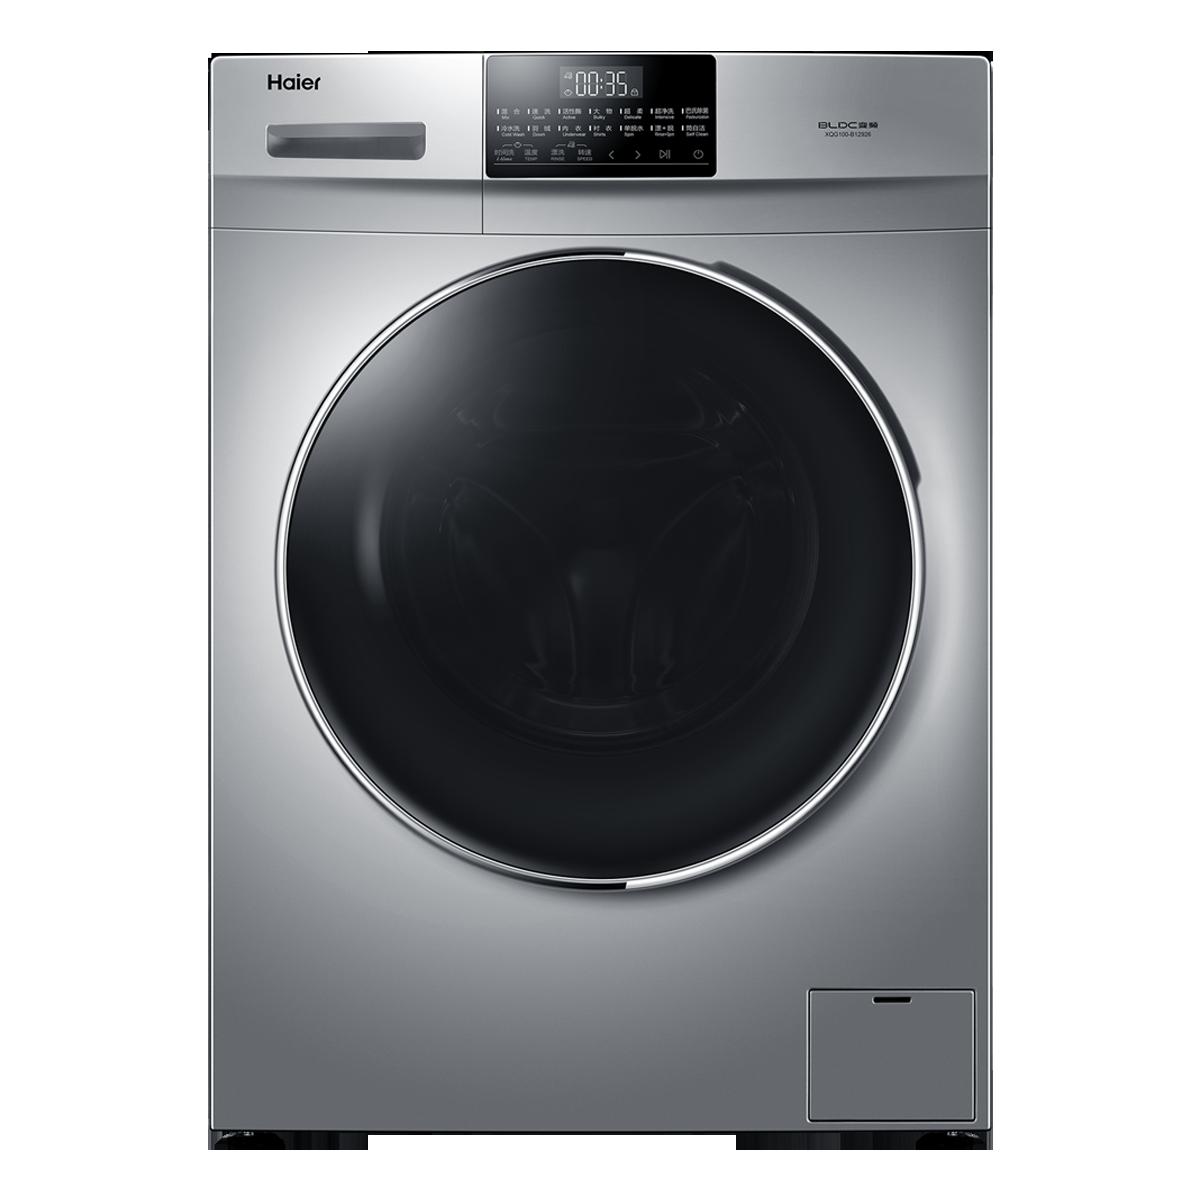 海尔Haier洗衣机 XQG100-B12926 说明书